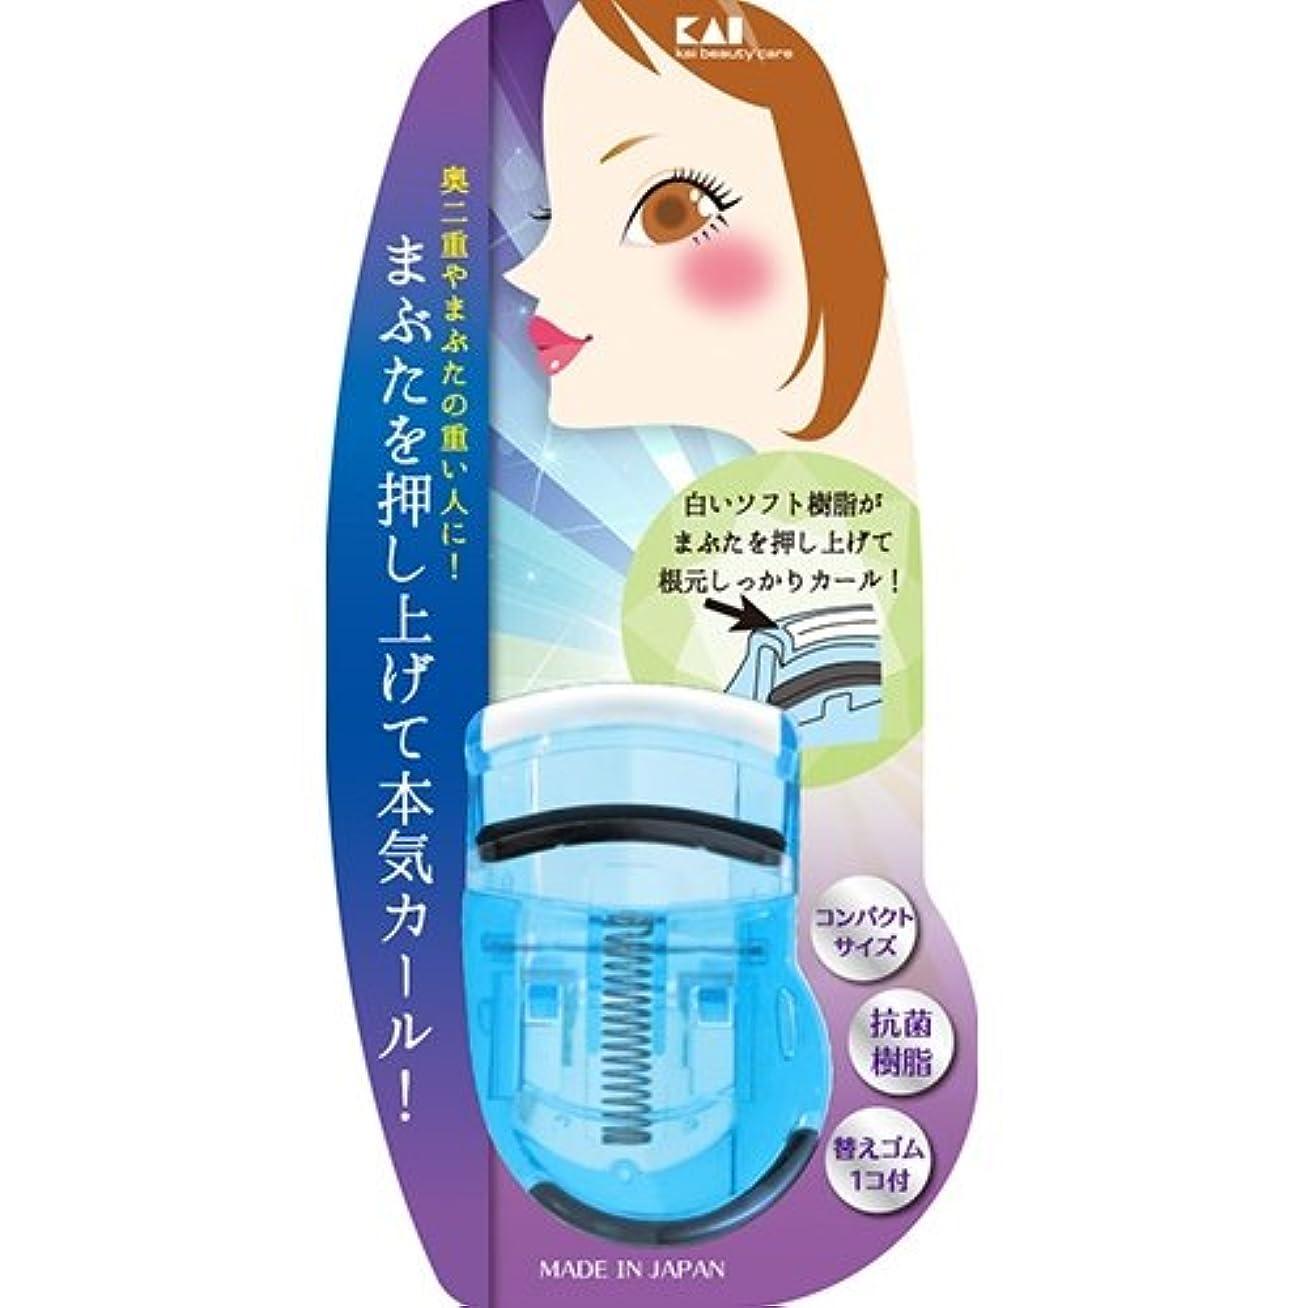 オーケストラ会計鍔プッシュアップカーラー (ブルー ) KQ3036